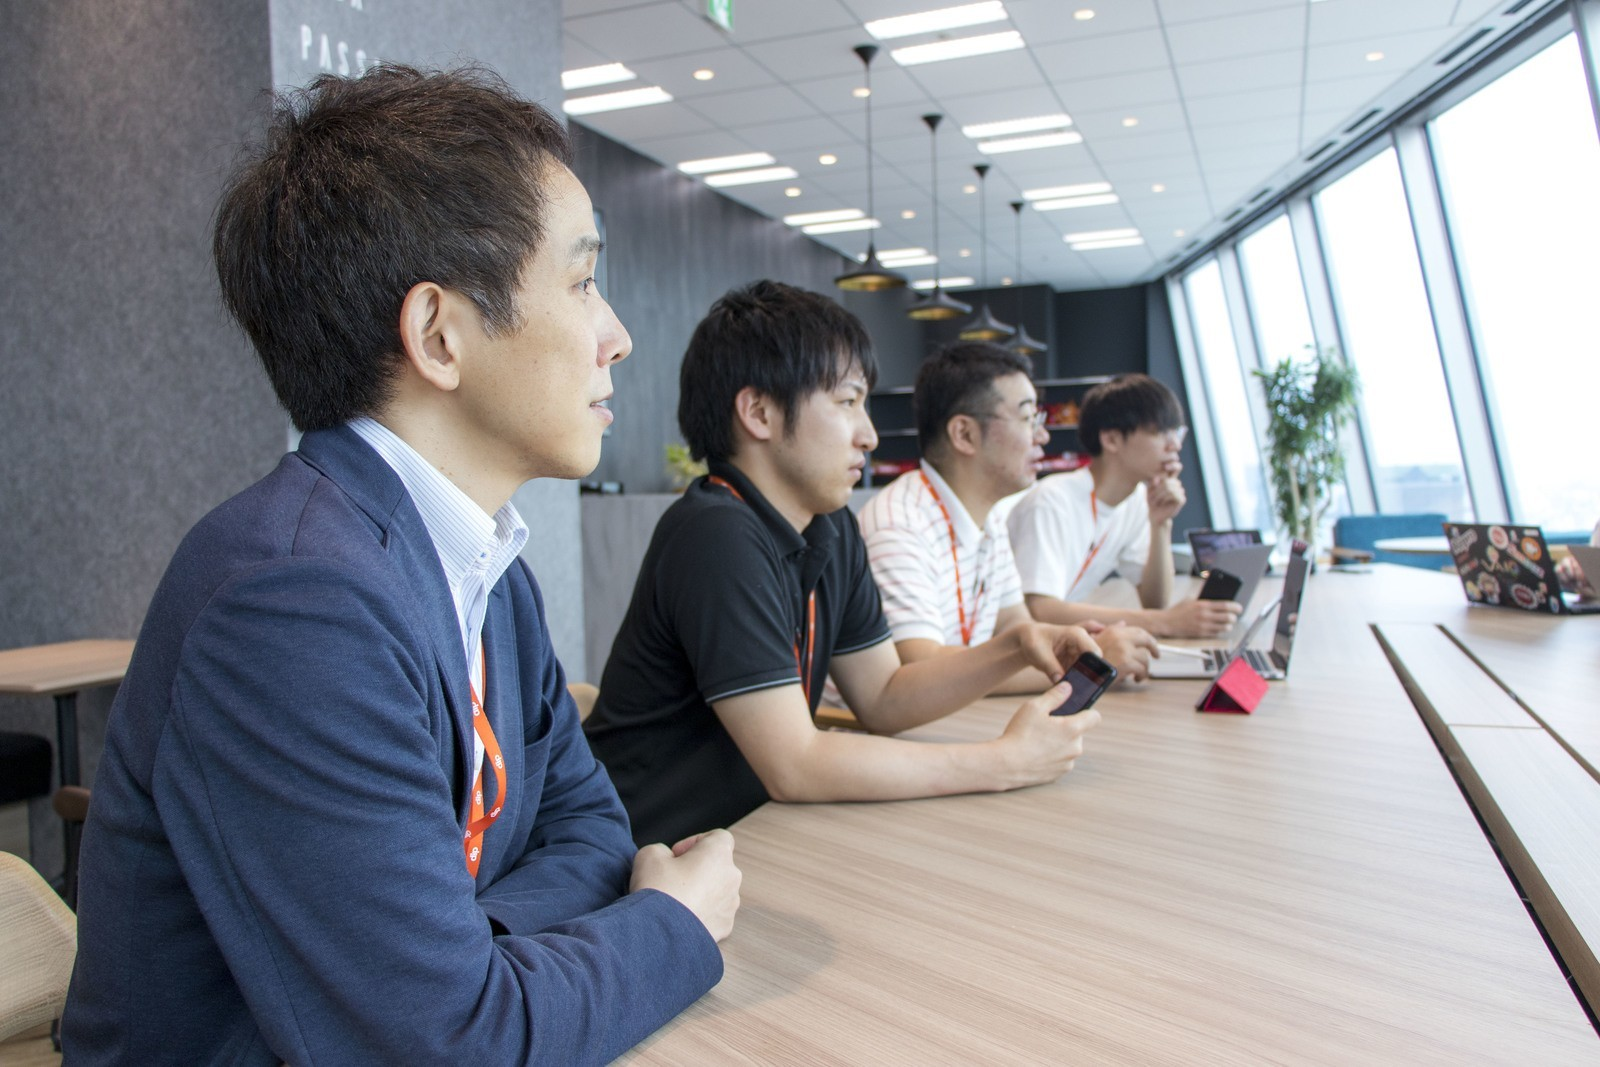 日本最大級のアルバイト求人情報サイト『バイトル』などの開発に携わるフロントエンドエンジニアを募集!